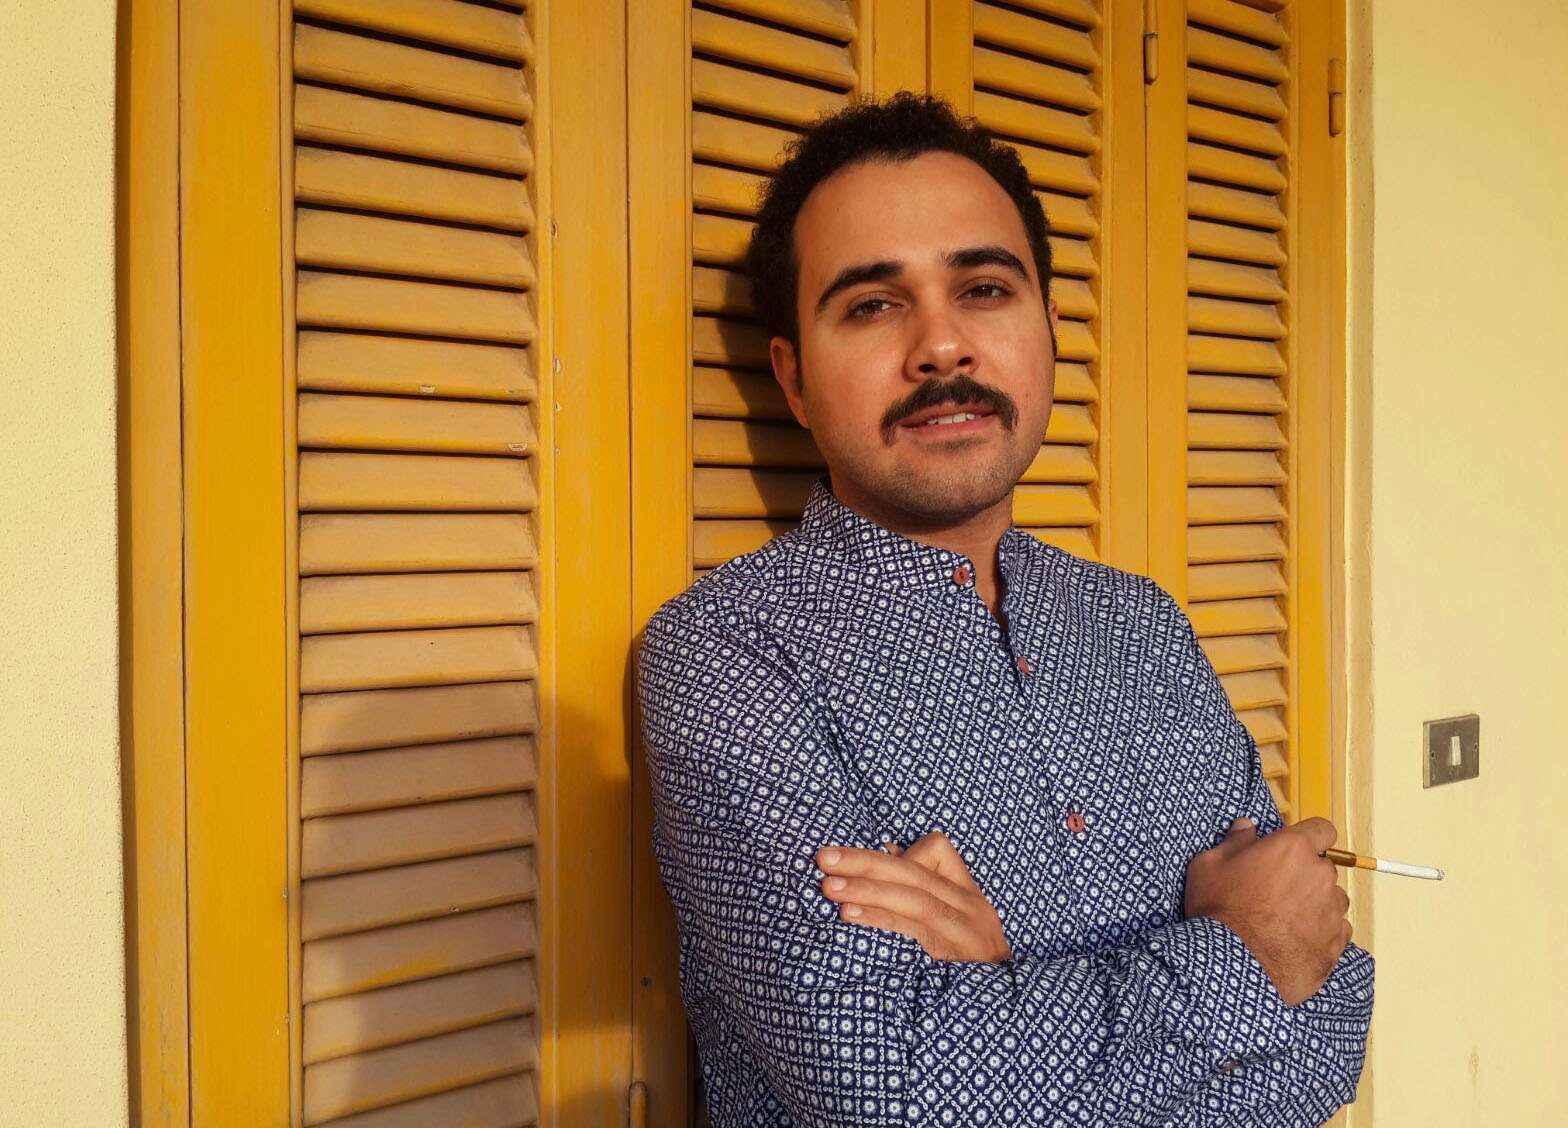 La justice égyptienne ordonne la remise en liberté de l'écrivain Ahmed Naji